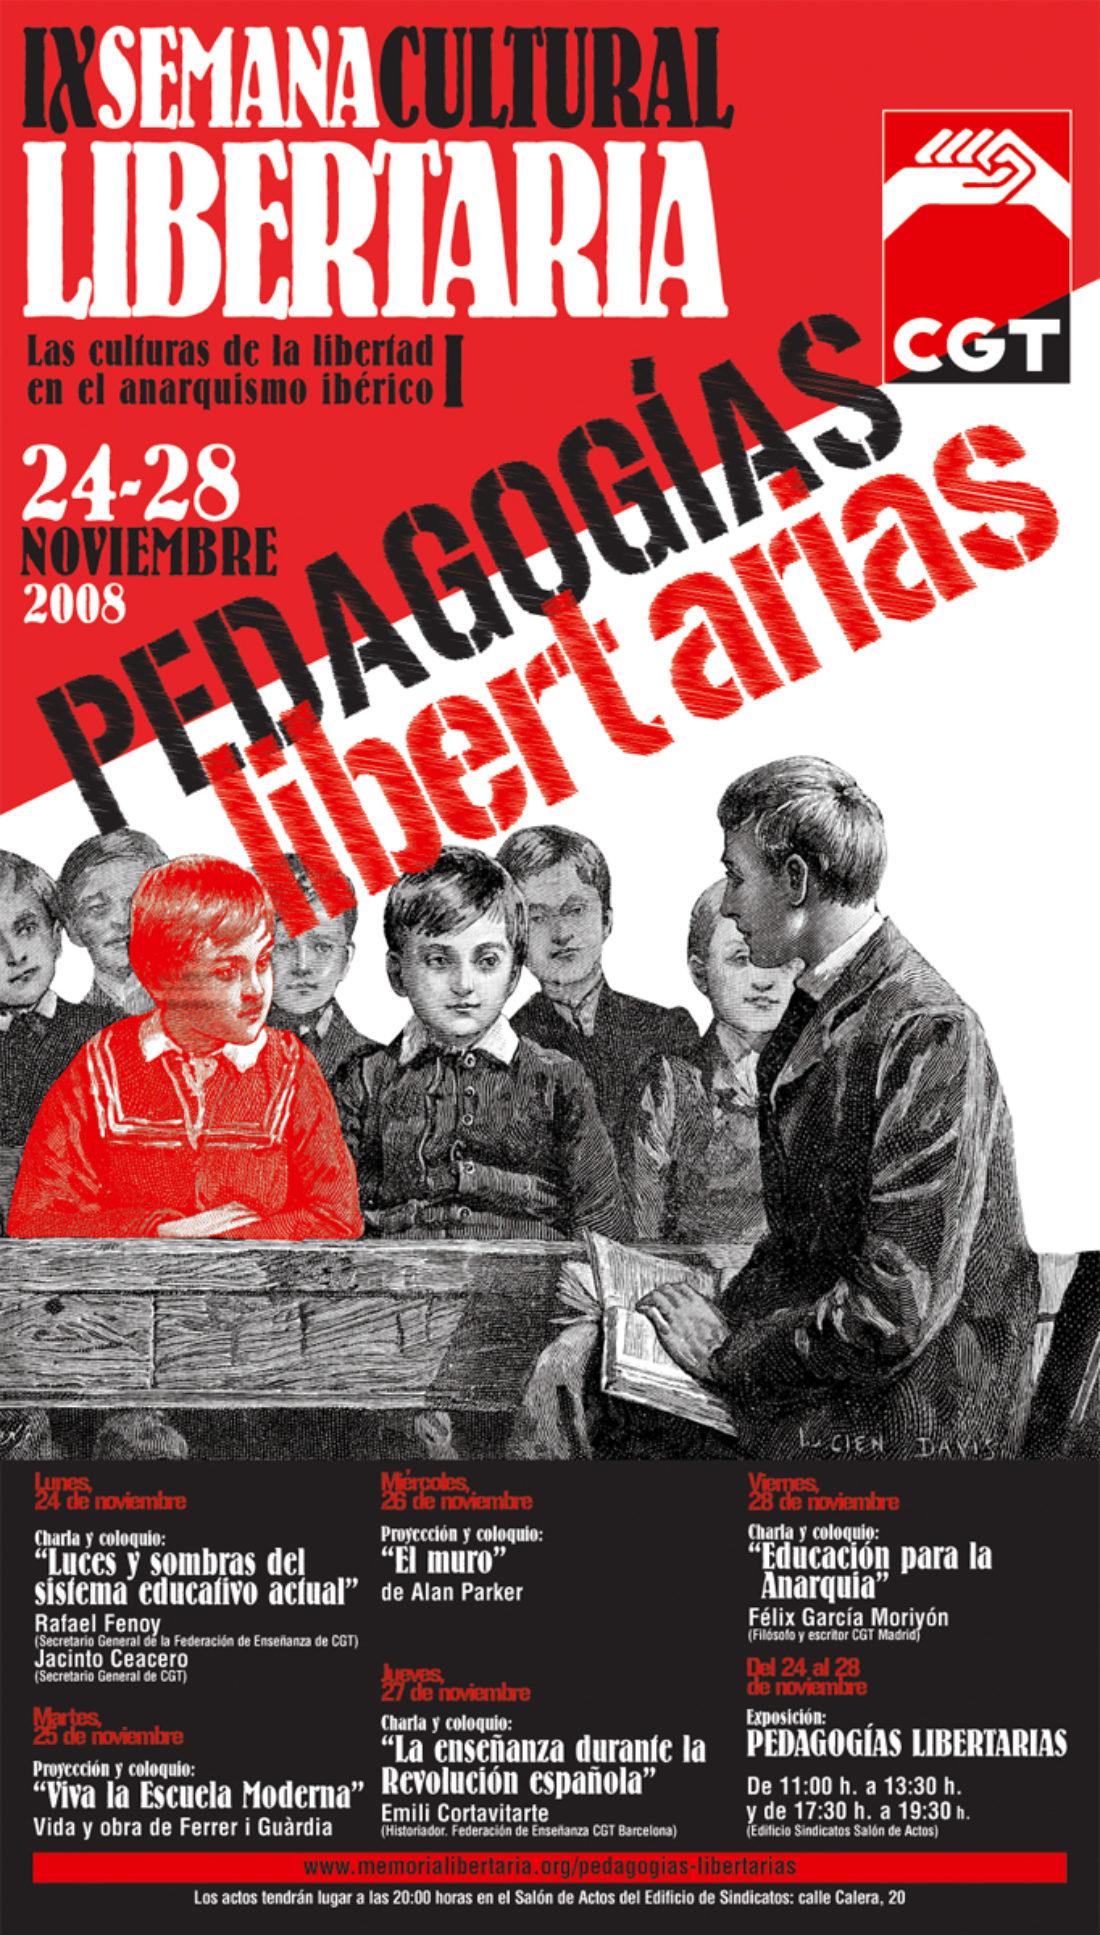 IX Semana Cultural Libertaria de Burgos: 24-28 de noviembre. «Pedagogías Libertarias»